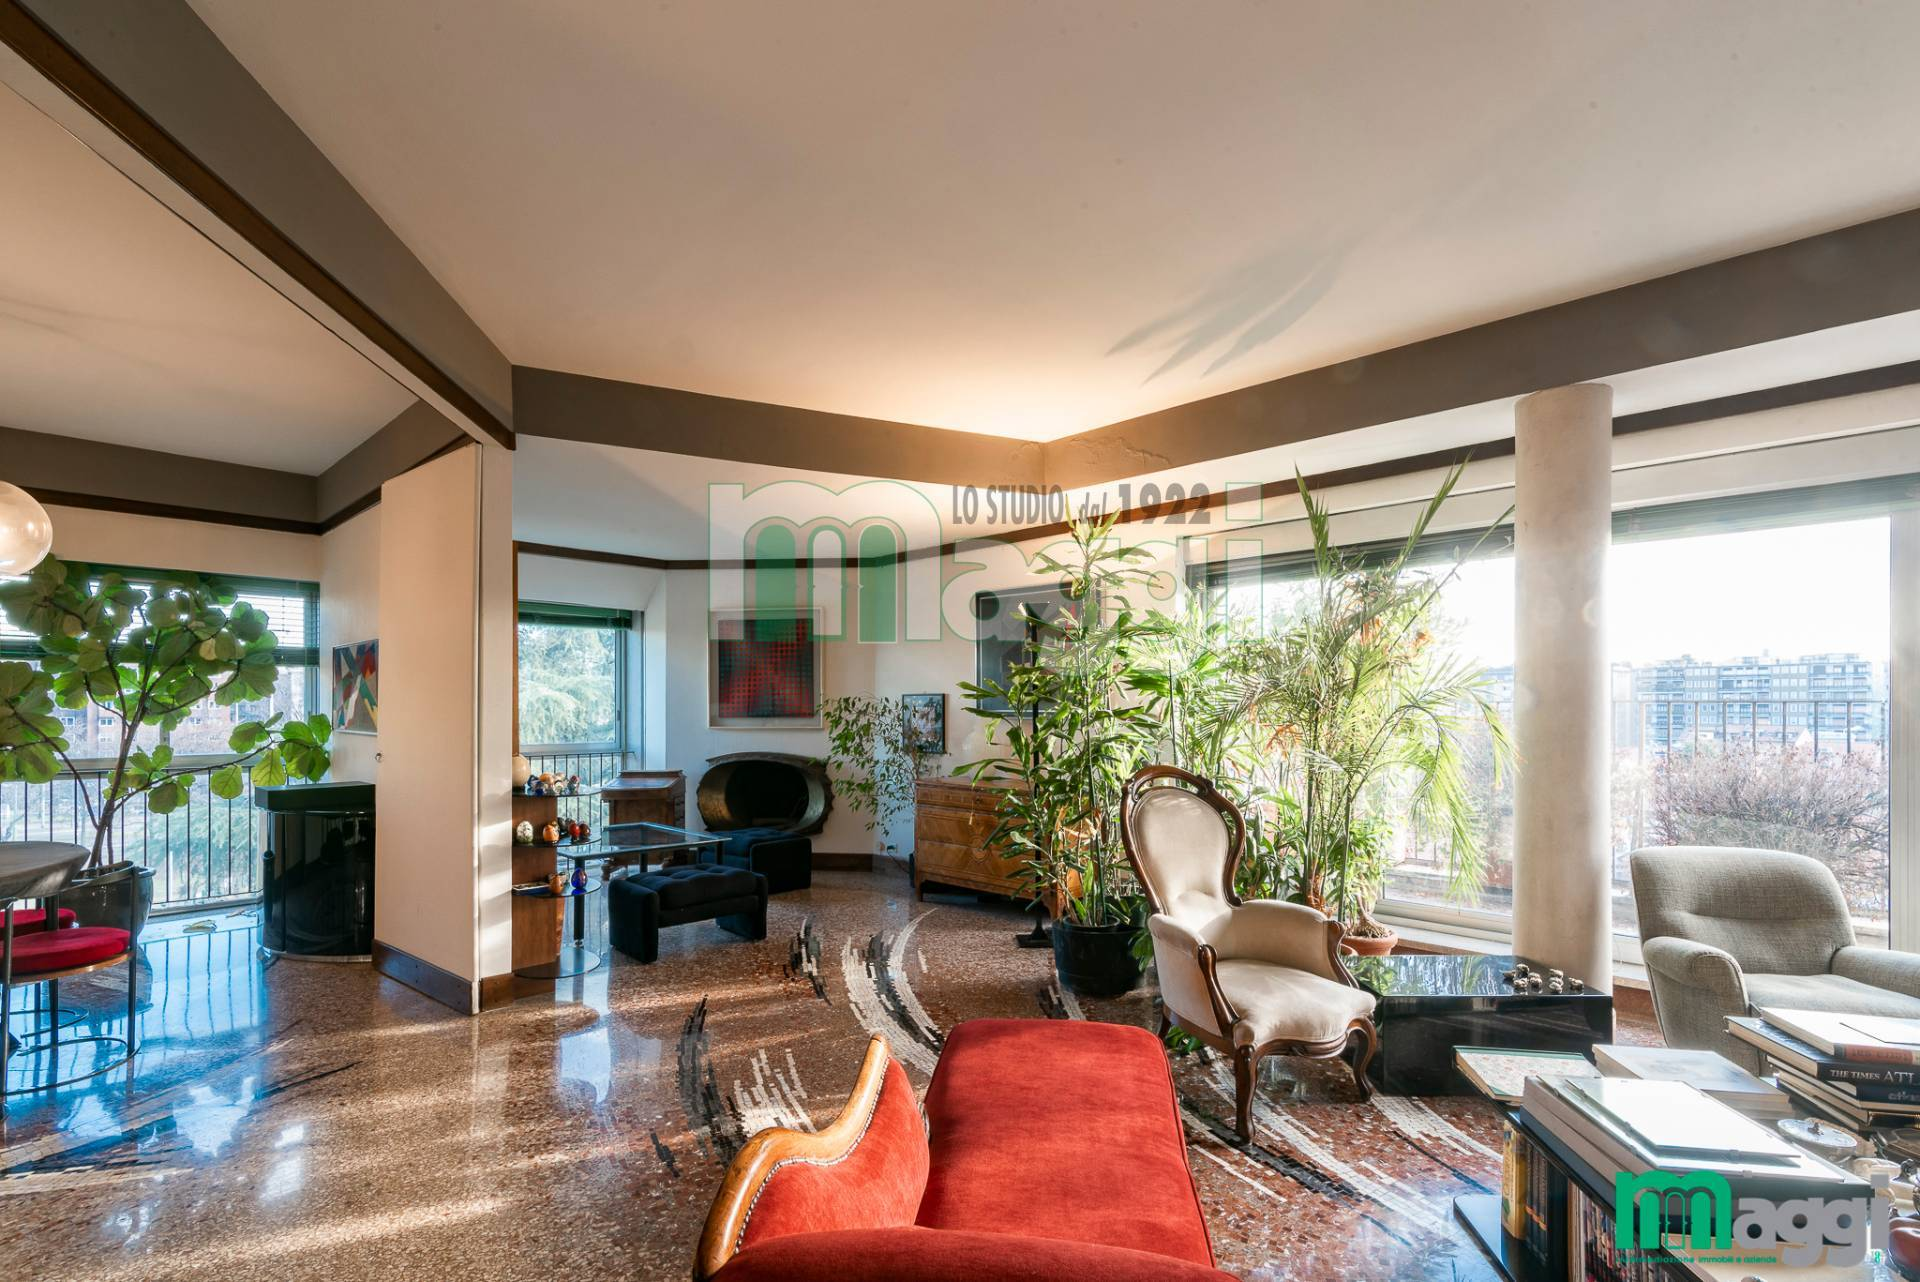 Appartamento in Vendita a Milano:  5 locali, 300 mq  - Foto 1